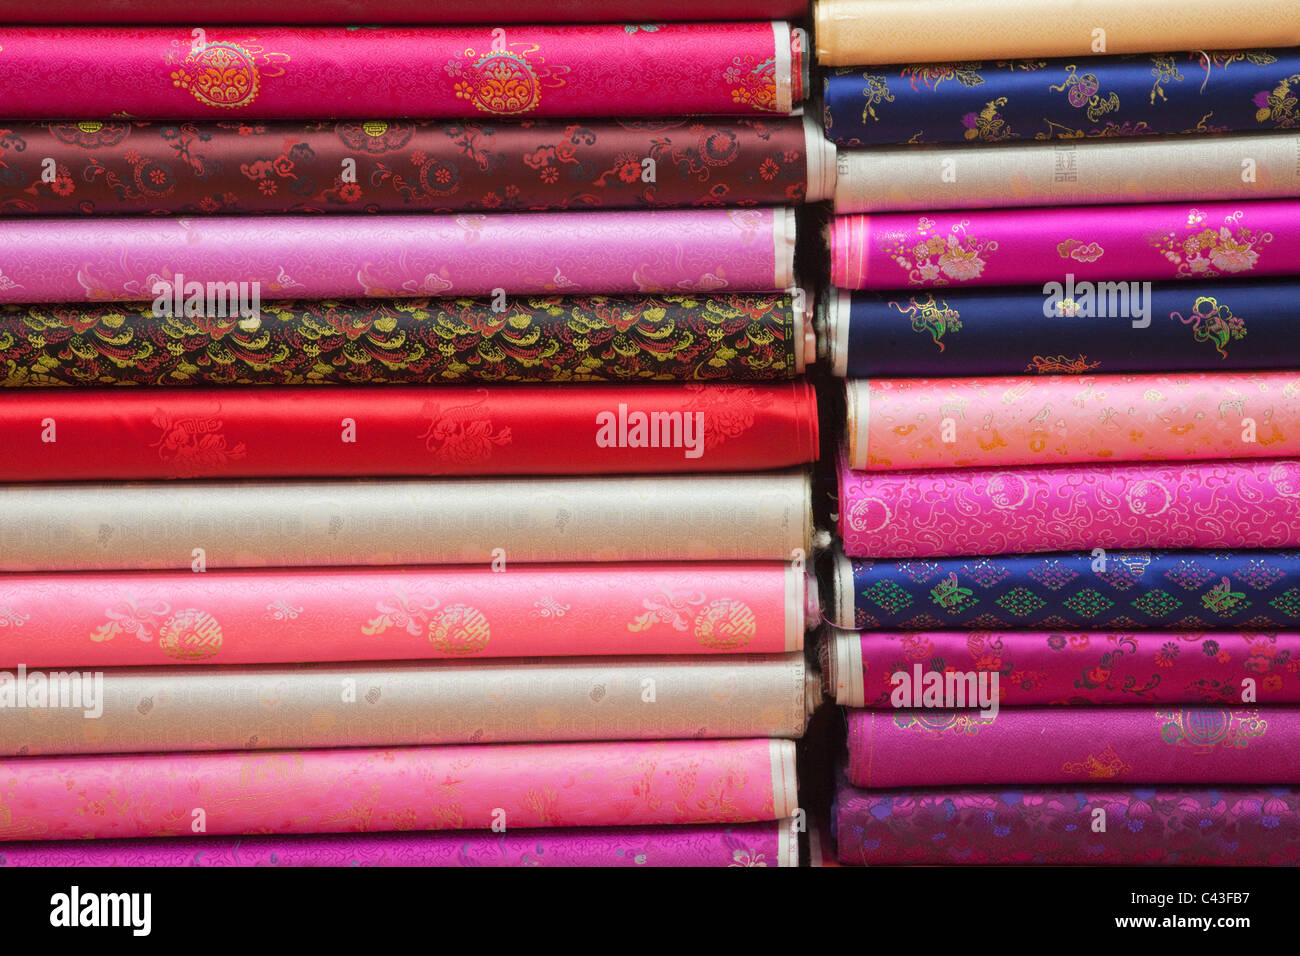 Asie, Corée, Séoul, le marché de Dongdaemun, boutique de tissu, tissu, matériaux, soie, soie, boutique, shopping, marché, marchés, tourisme, Tra Banque D'Images